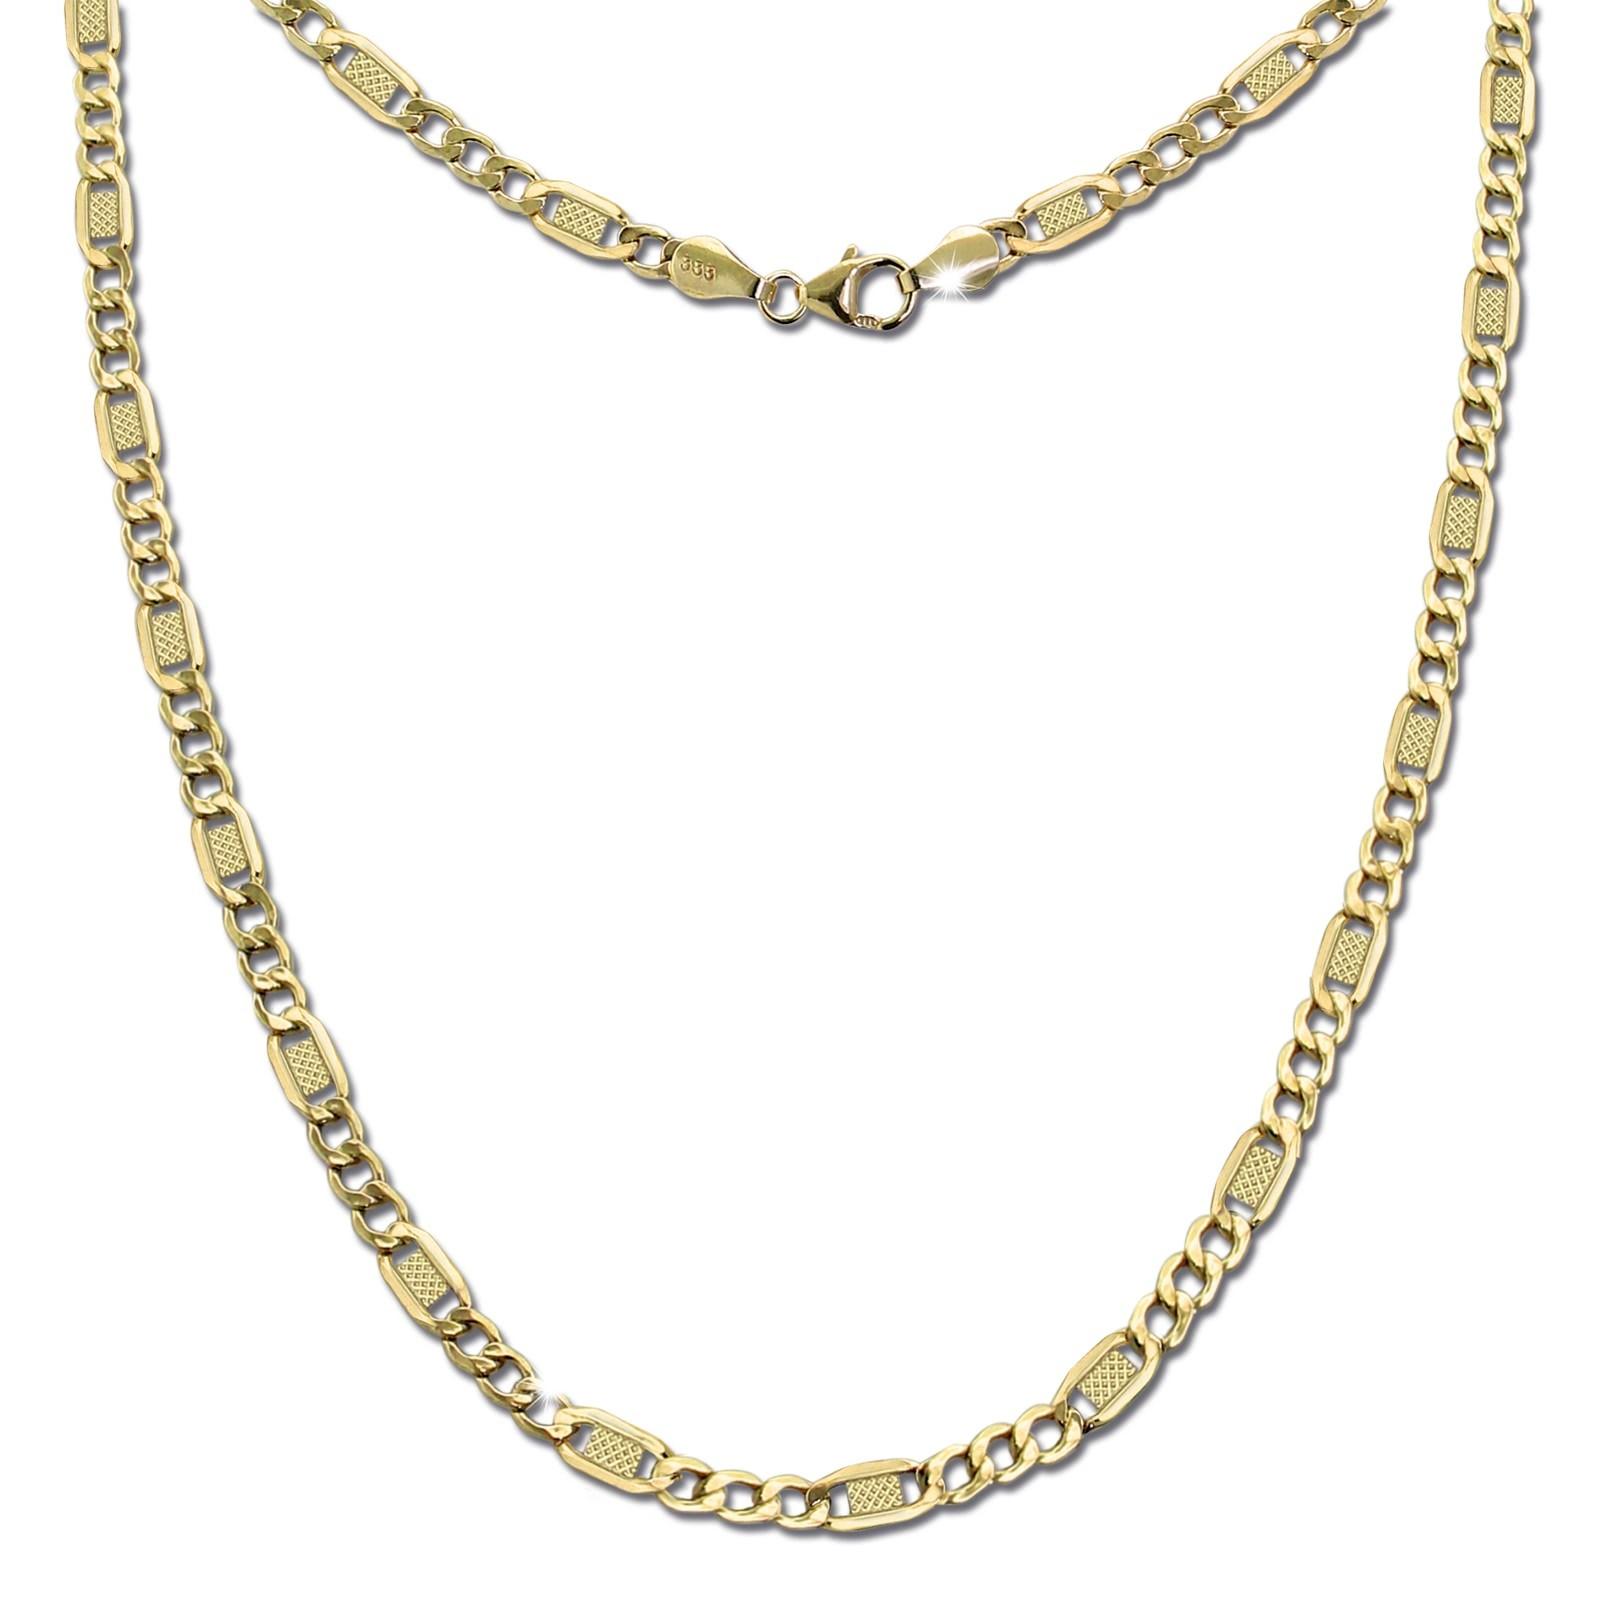 GoldDream Damen Colliers Halskette 45cm Gelbgold 8 Karat GDKB01045Y